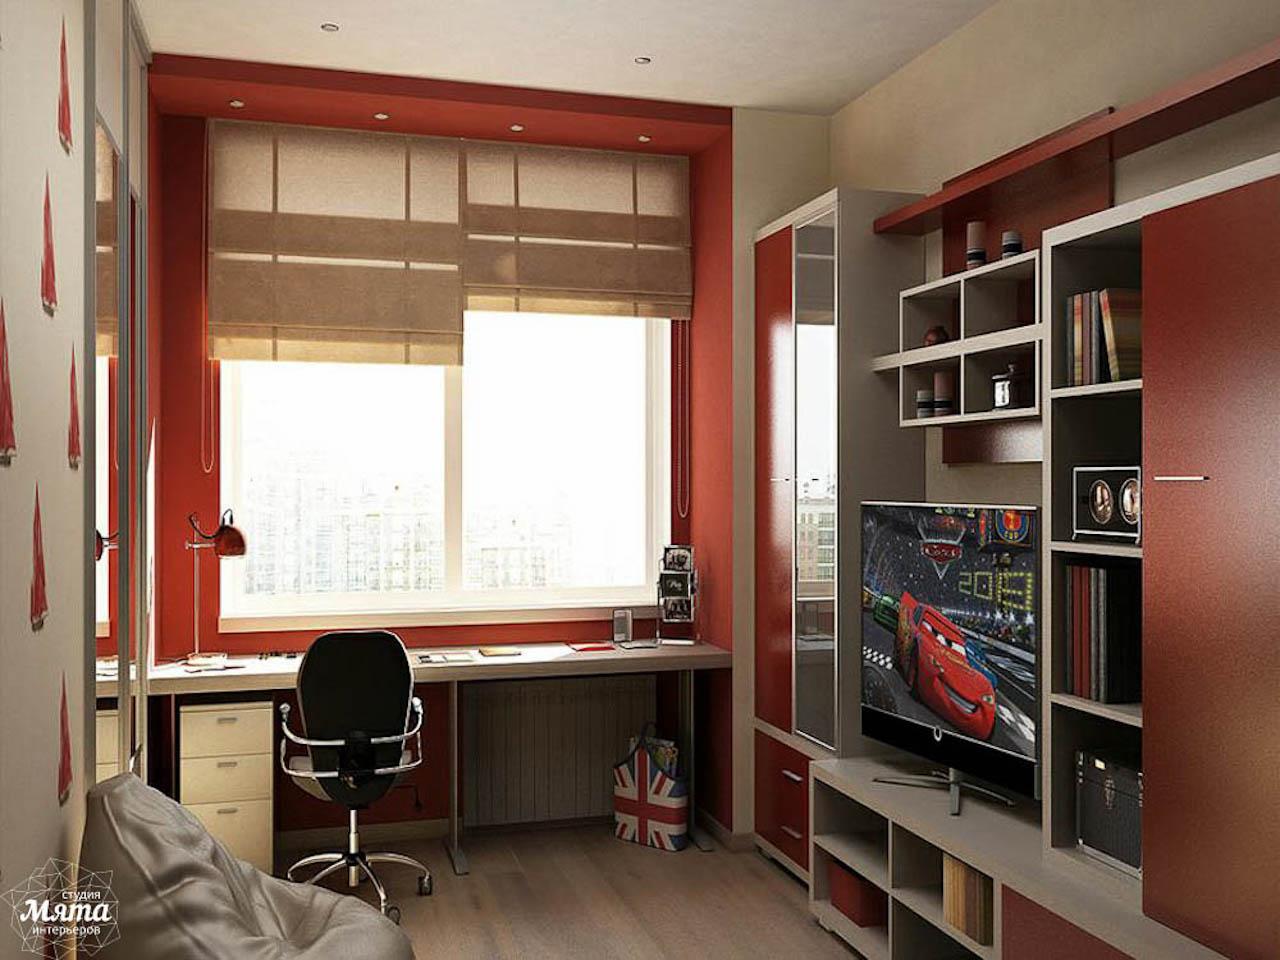 Дизайн интерьера трехкомнатной квартиры по ул. Николая Никонова 4 img1017482848